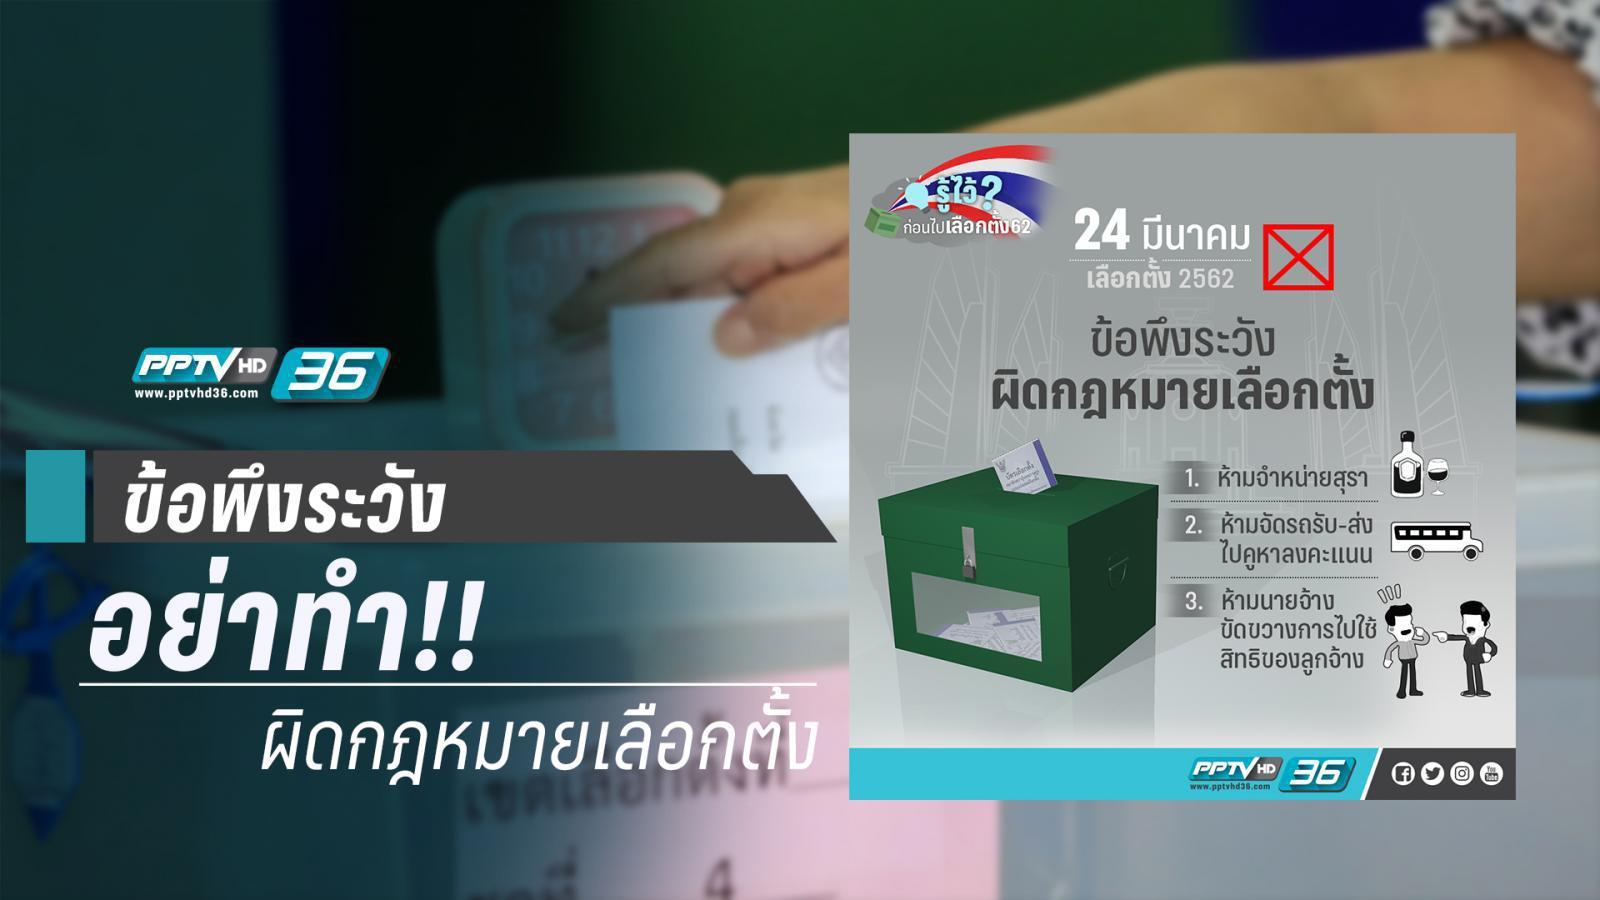 รู้ไว้ก่อนไปเลือกตั้ง 62 : อย่าทำ!!   ระวังผิดกฎหมายเลือกตั้ง